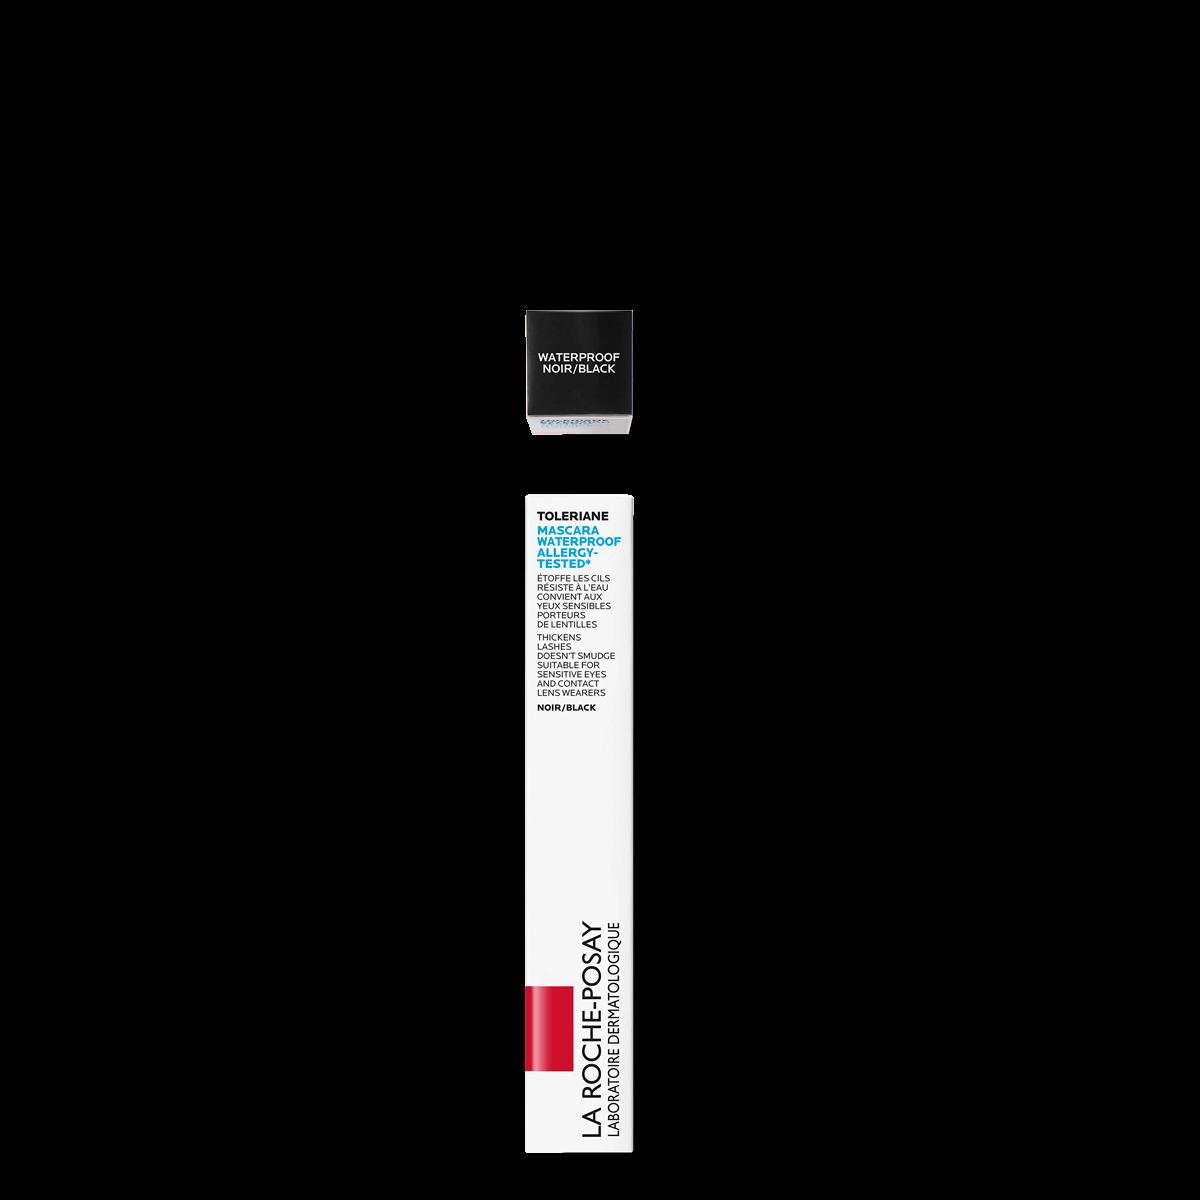 La Roche Posay Citlivá Toleriane Make-up VODĚODOLNÁ ŘASENKA Black 33